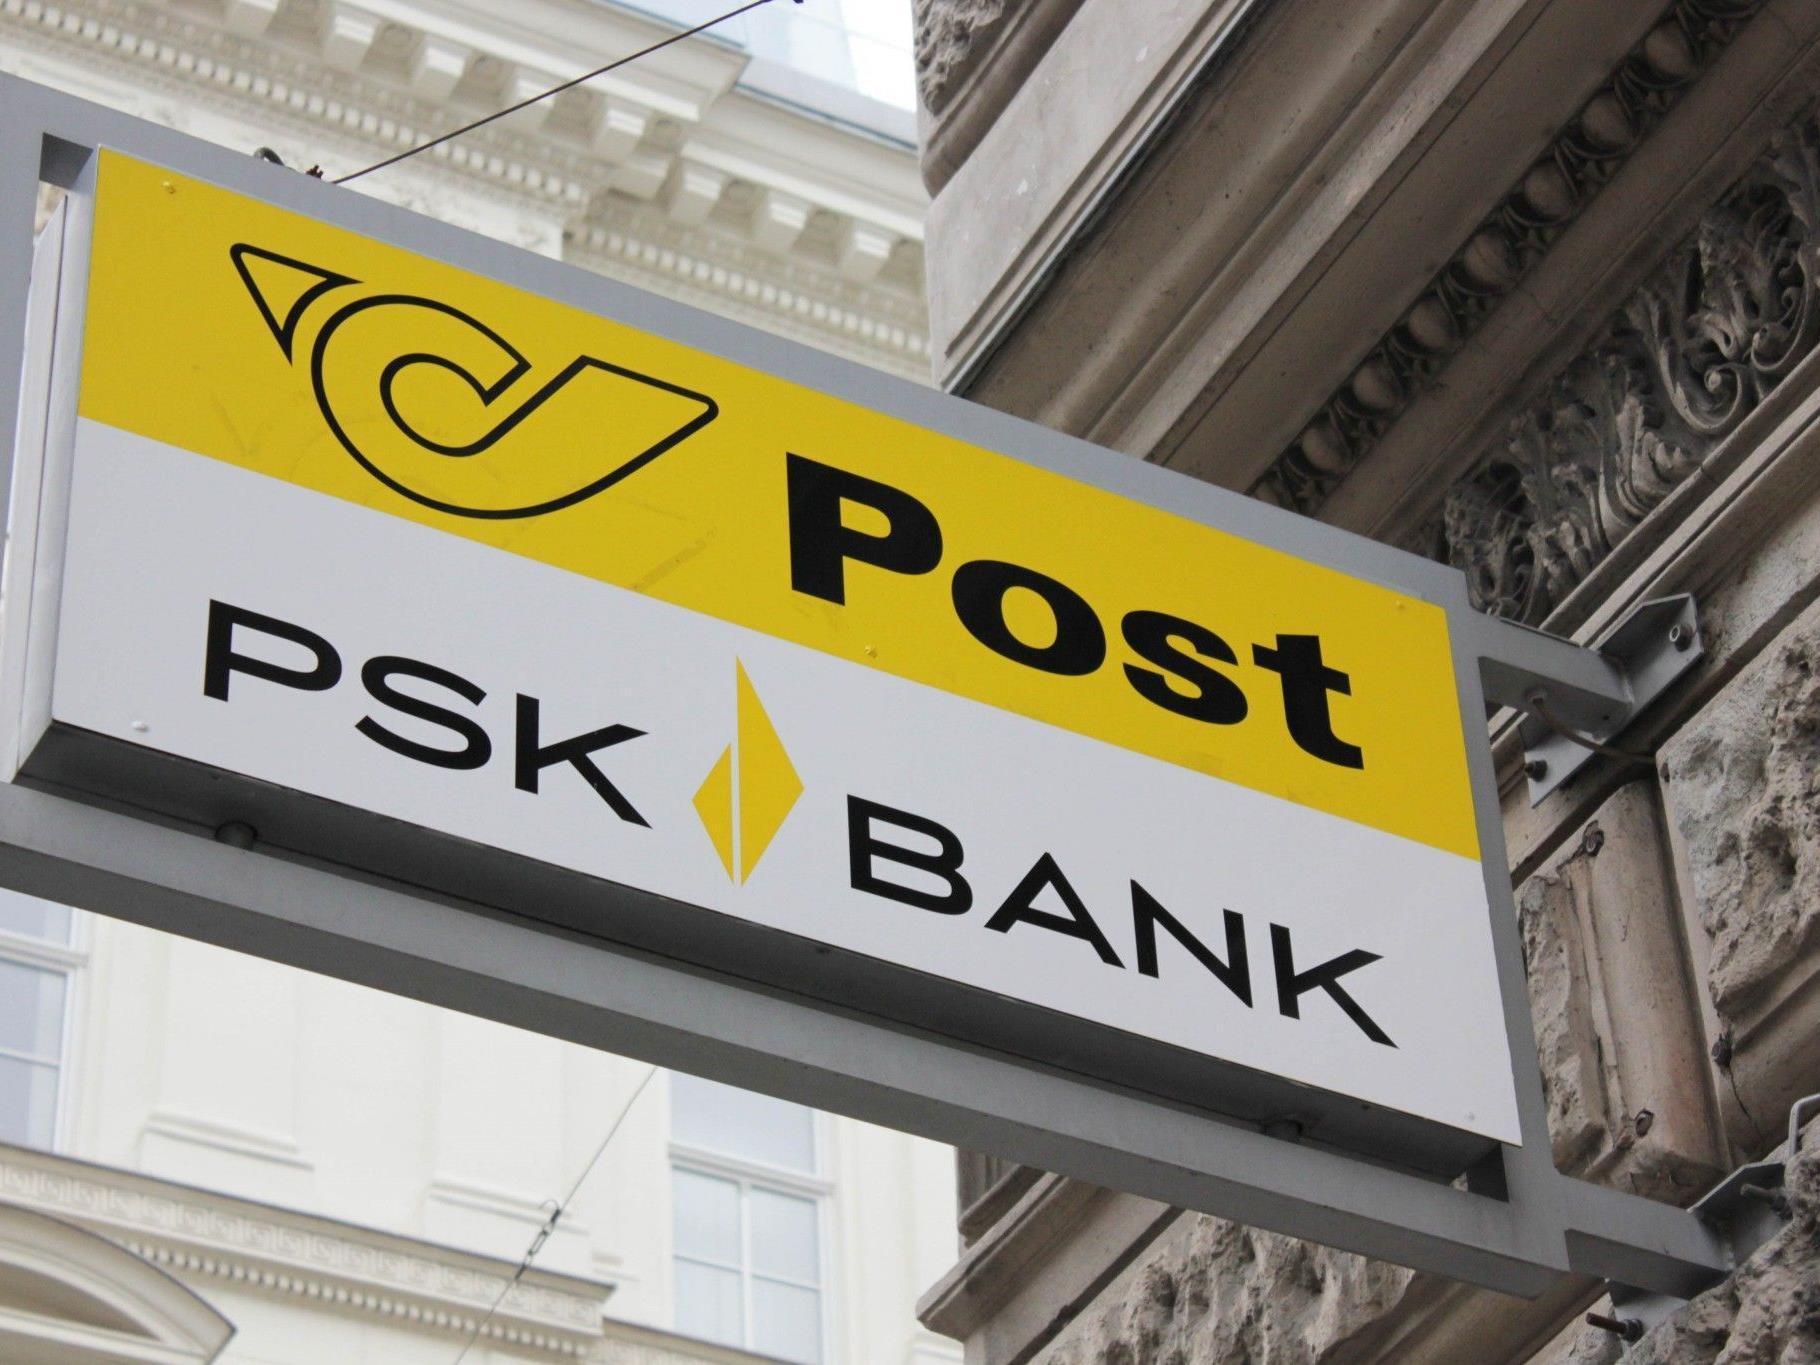 Am Mittwoch wurde ein Postamt auf der Wagramer Straße überfallen.